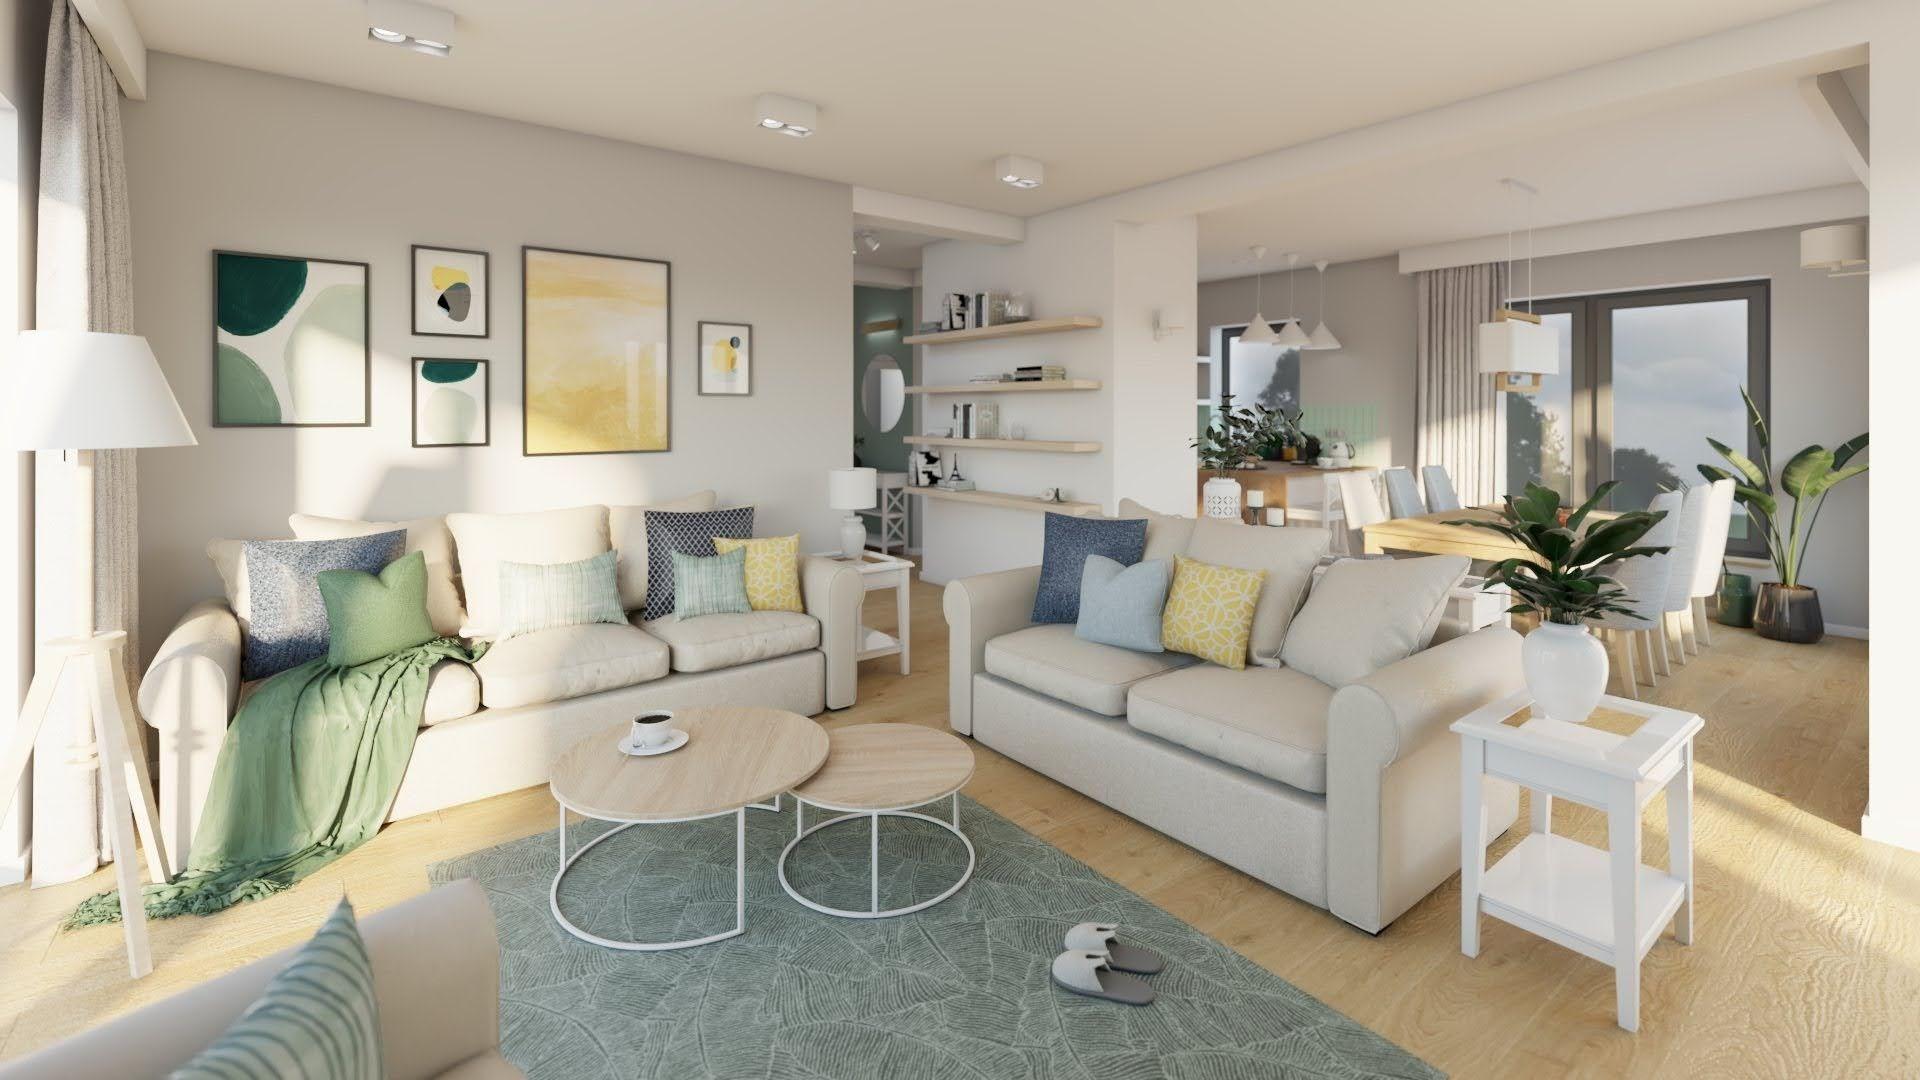 Jasny salon z dwiema sofami, przestronny salon z jadalnią